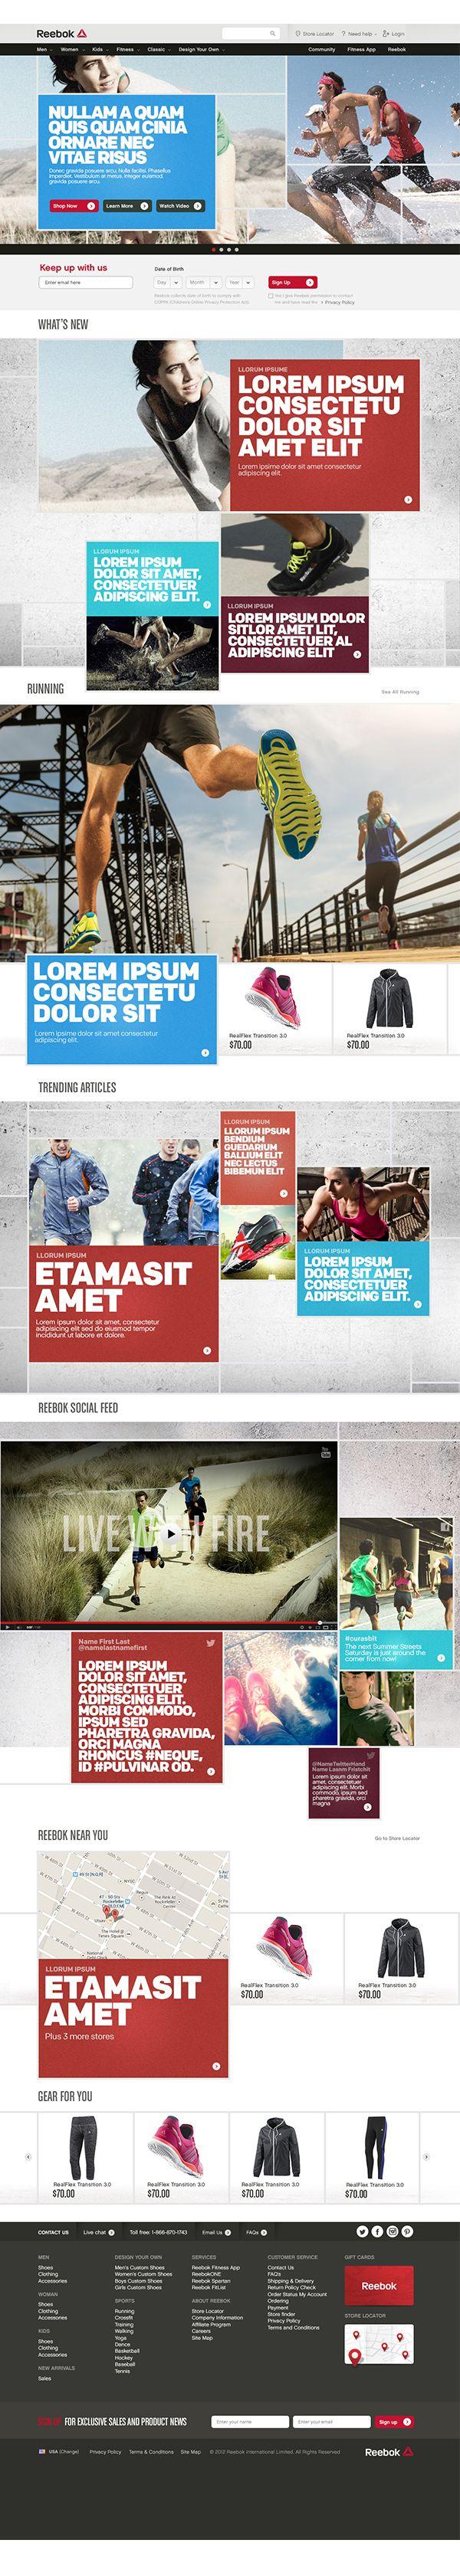 web design | Reebok.com